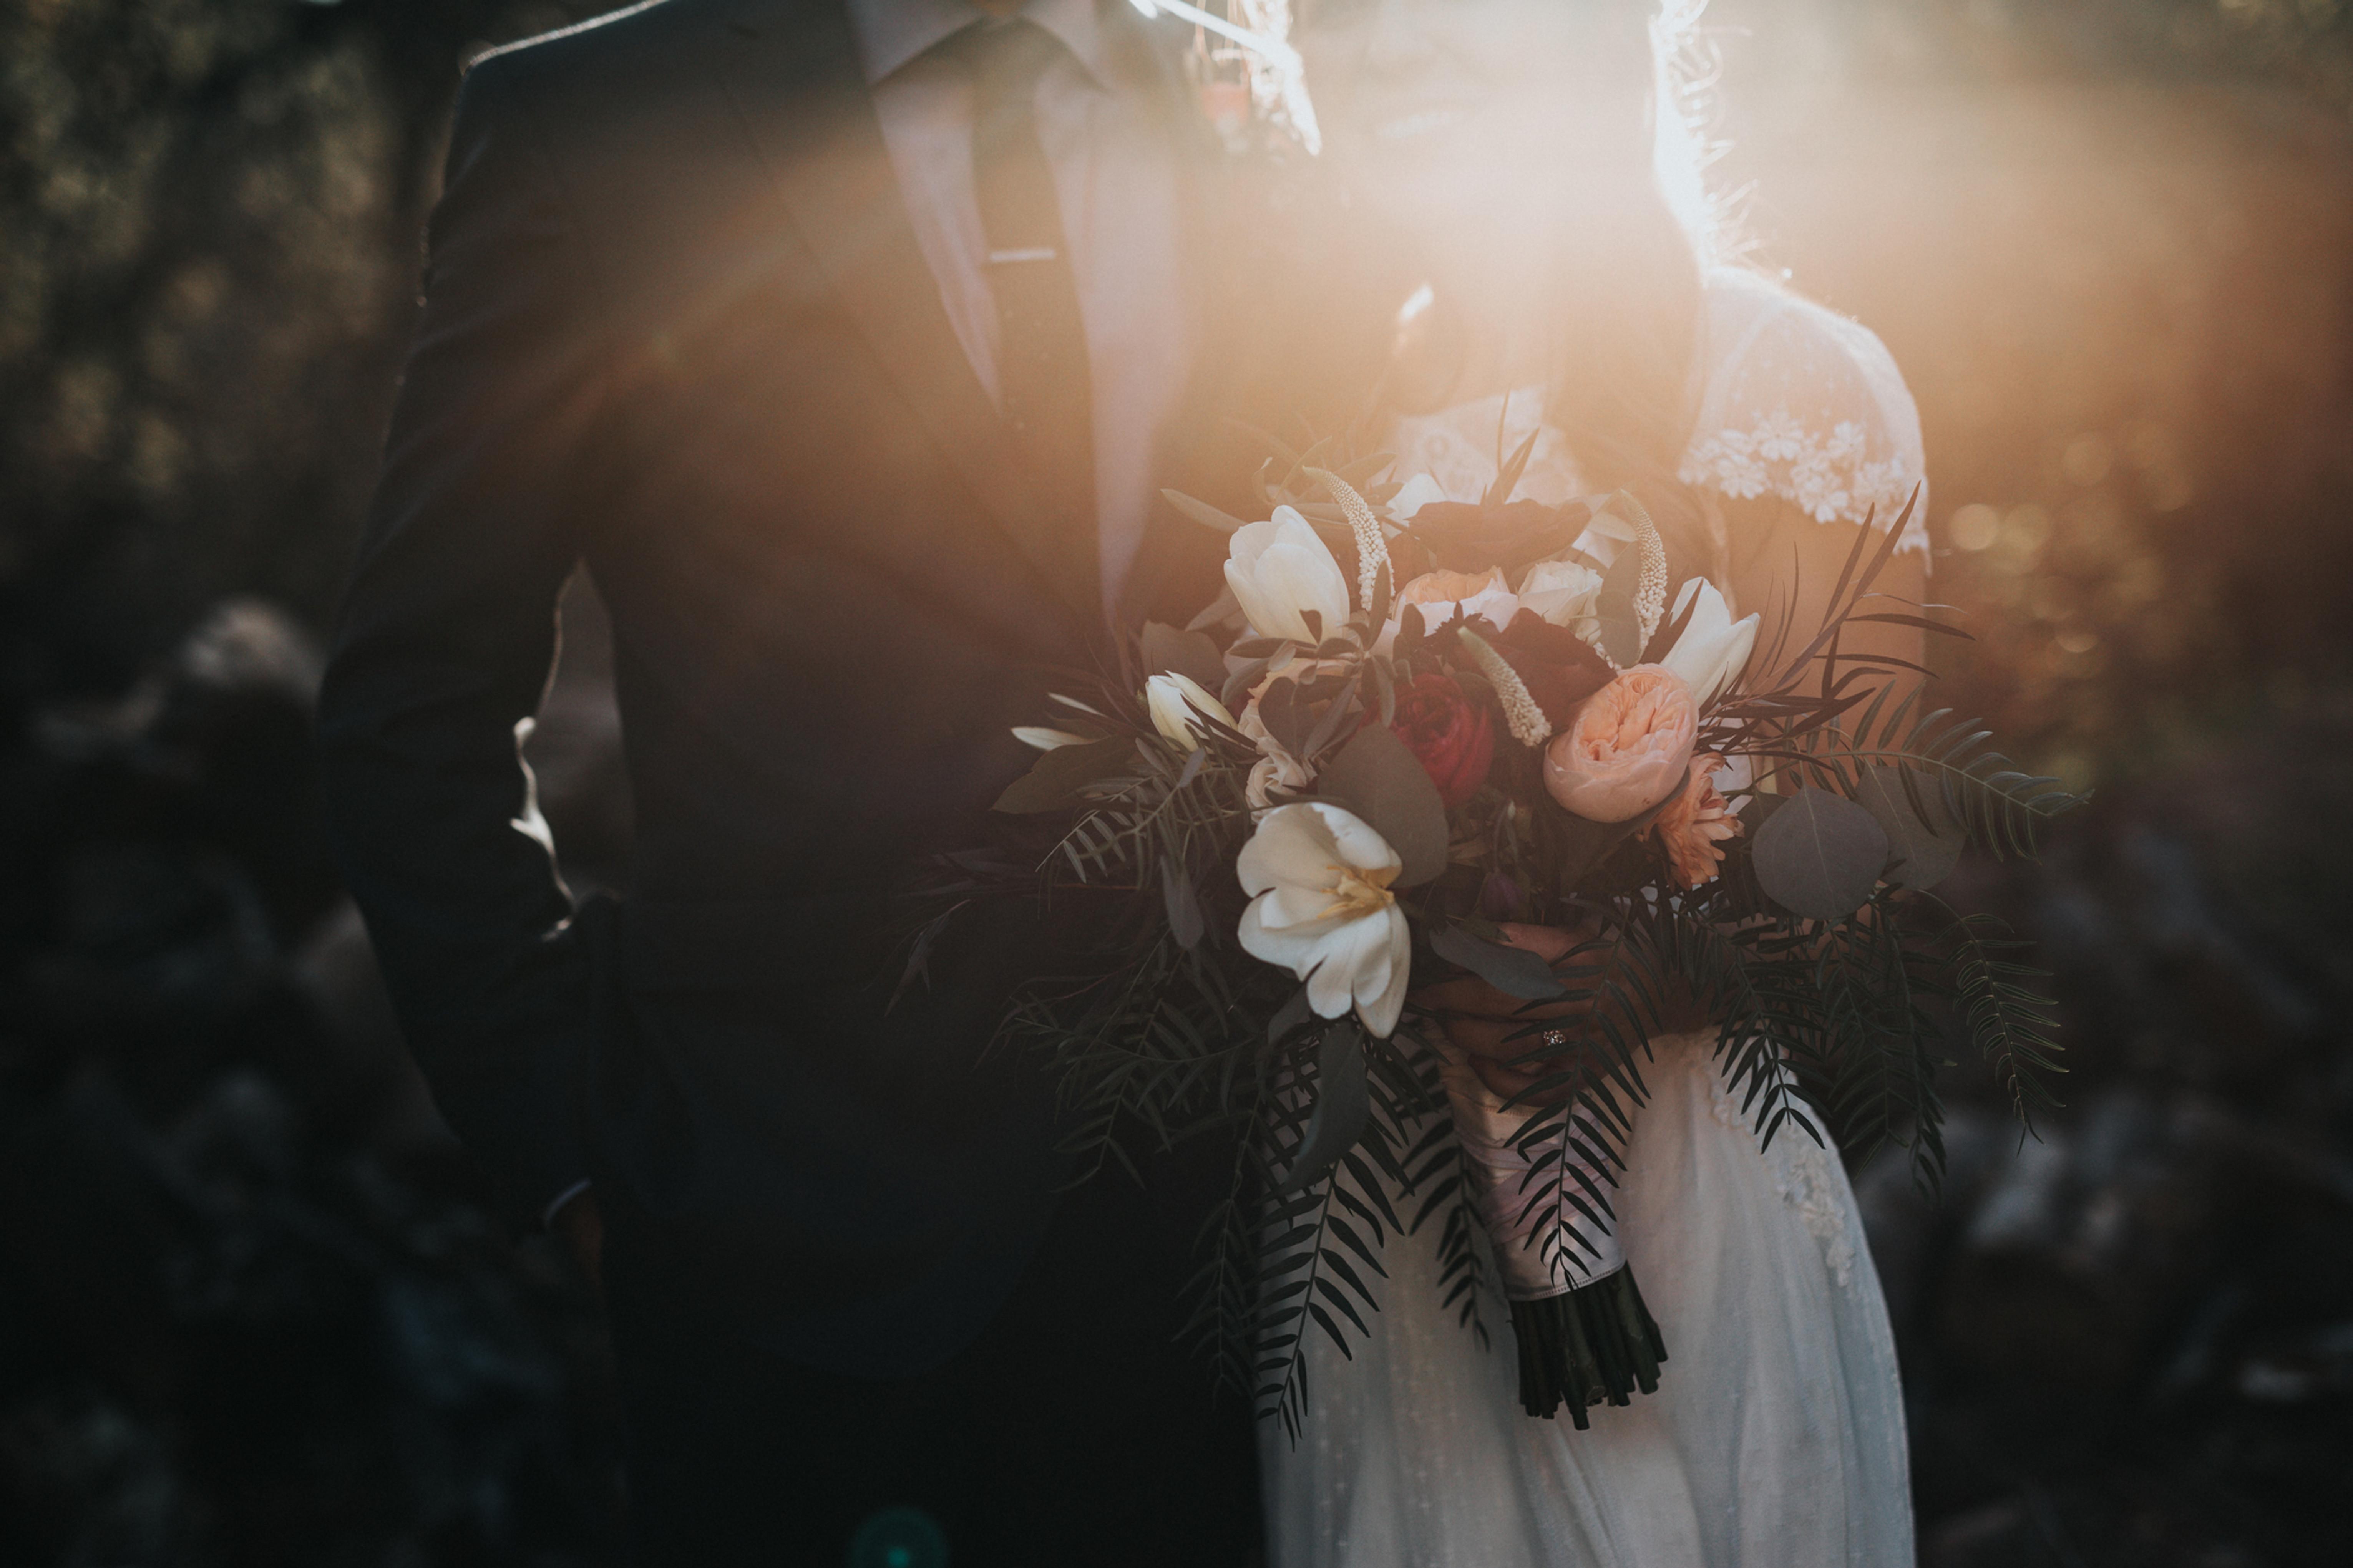 Servizio fotografico per Cerimonie